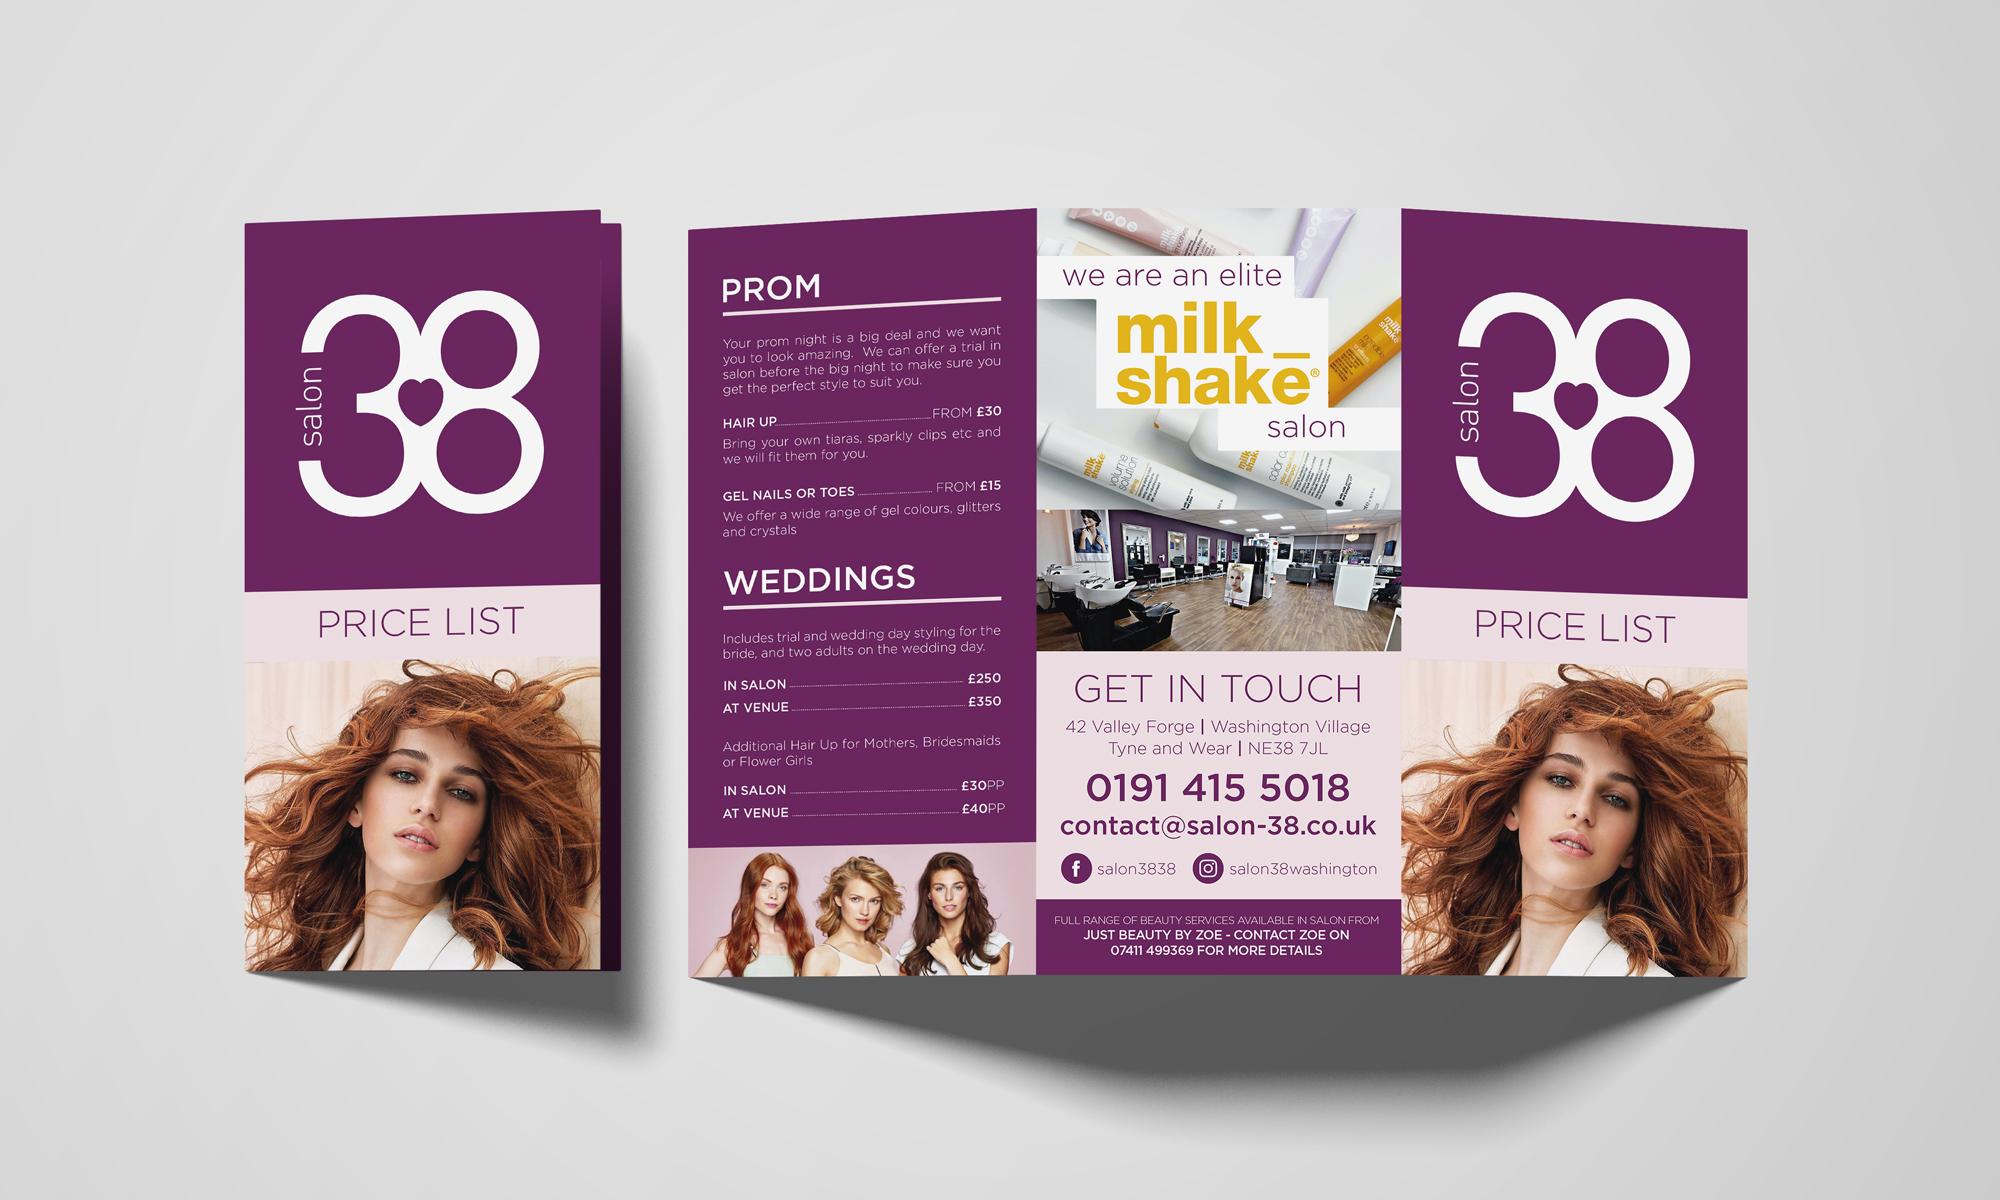 Salon 38 Price List Mockup